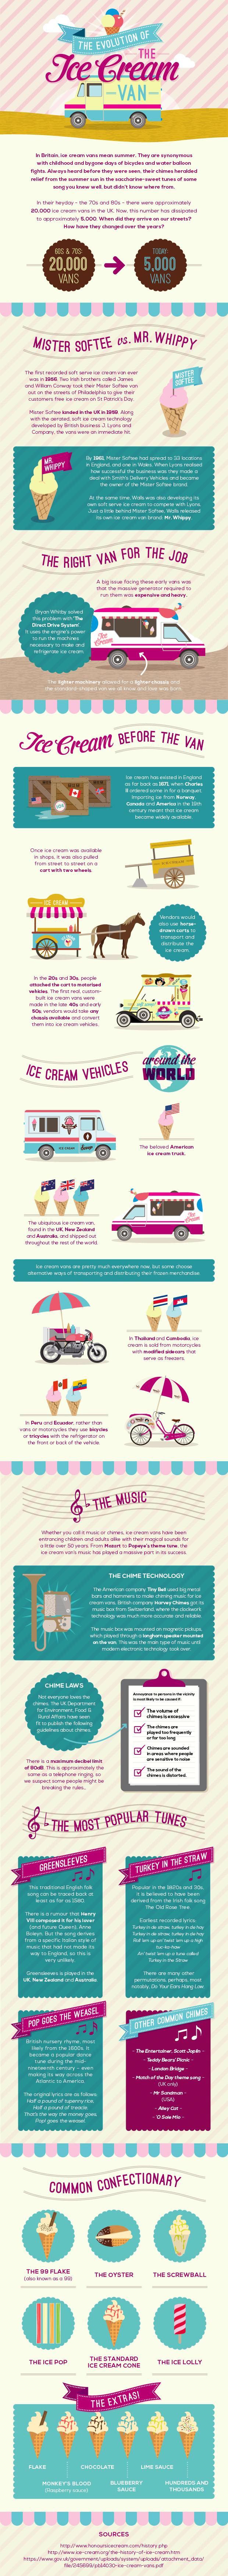 Evolution of the Ice Cream Van